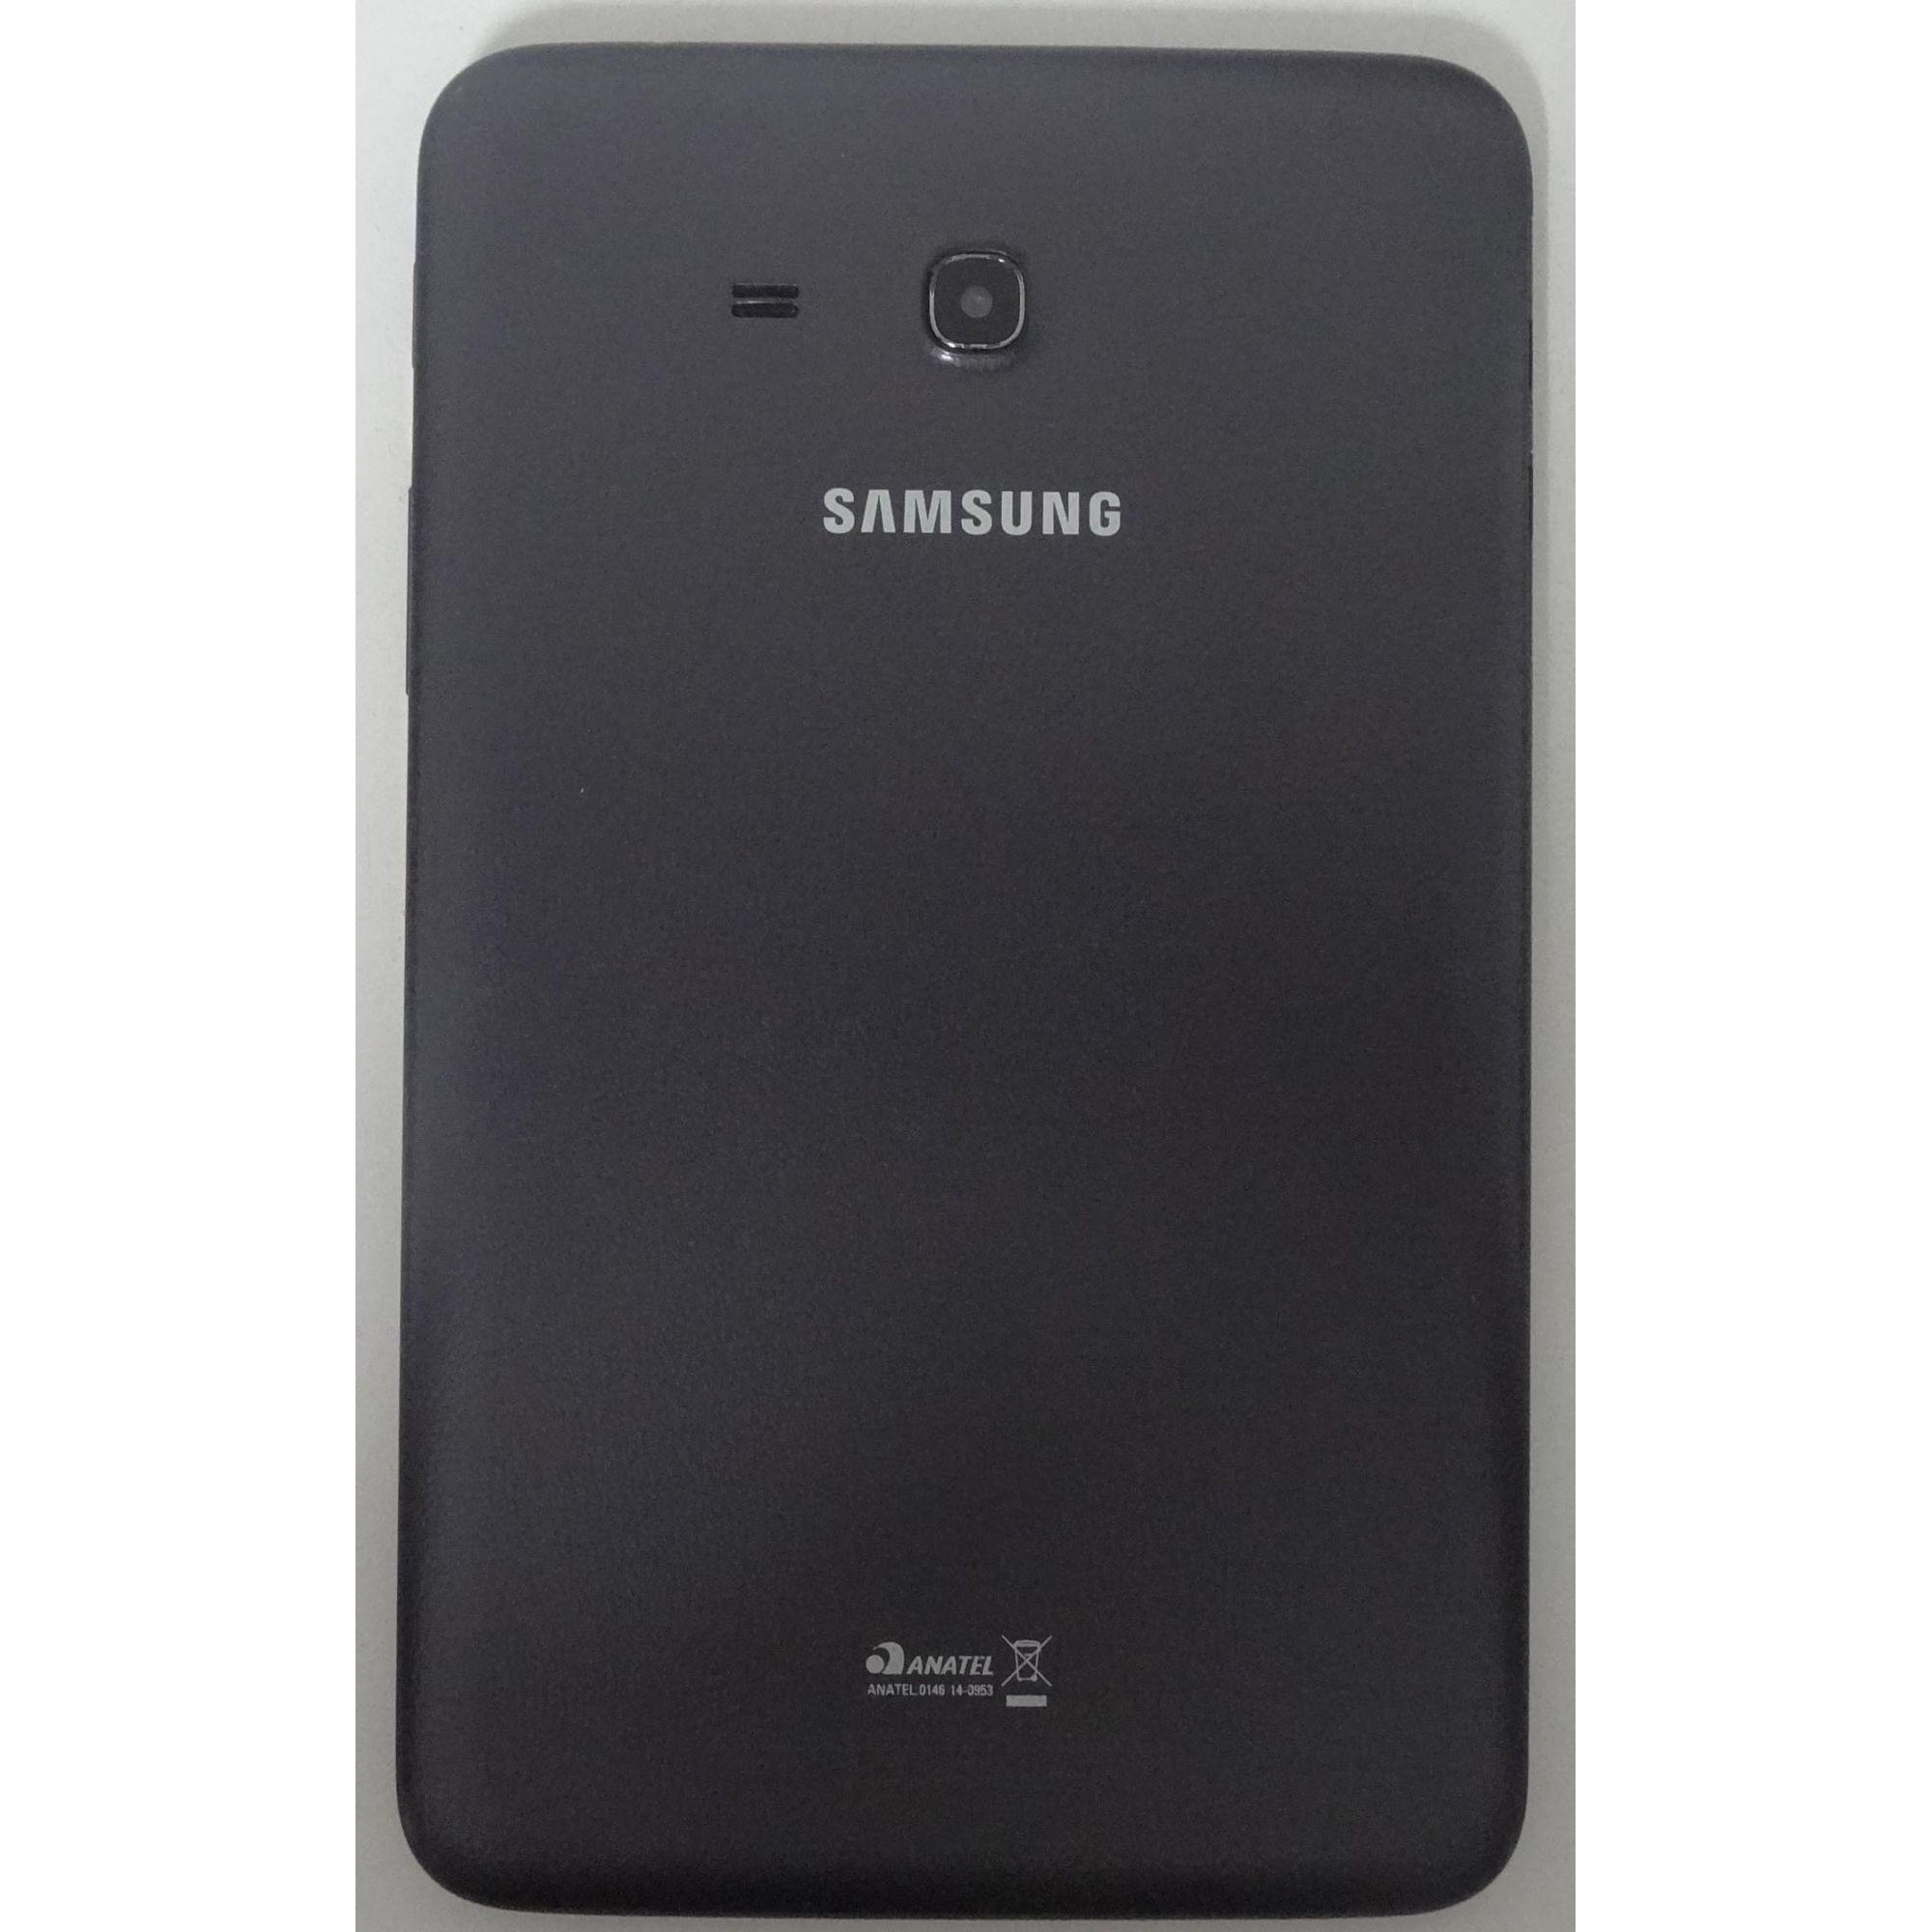 Tablet Samsung Galaxy Tab 3 7'' Câmera 2MP, Armazenamento 8GB Wifi/3G - Preto